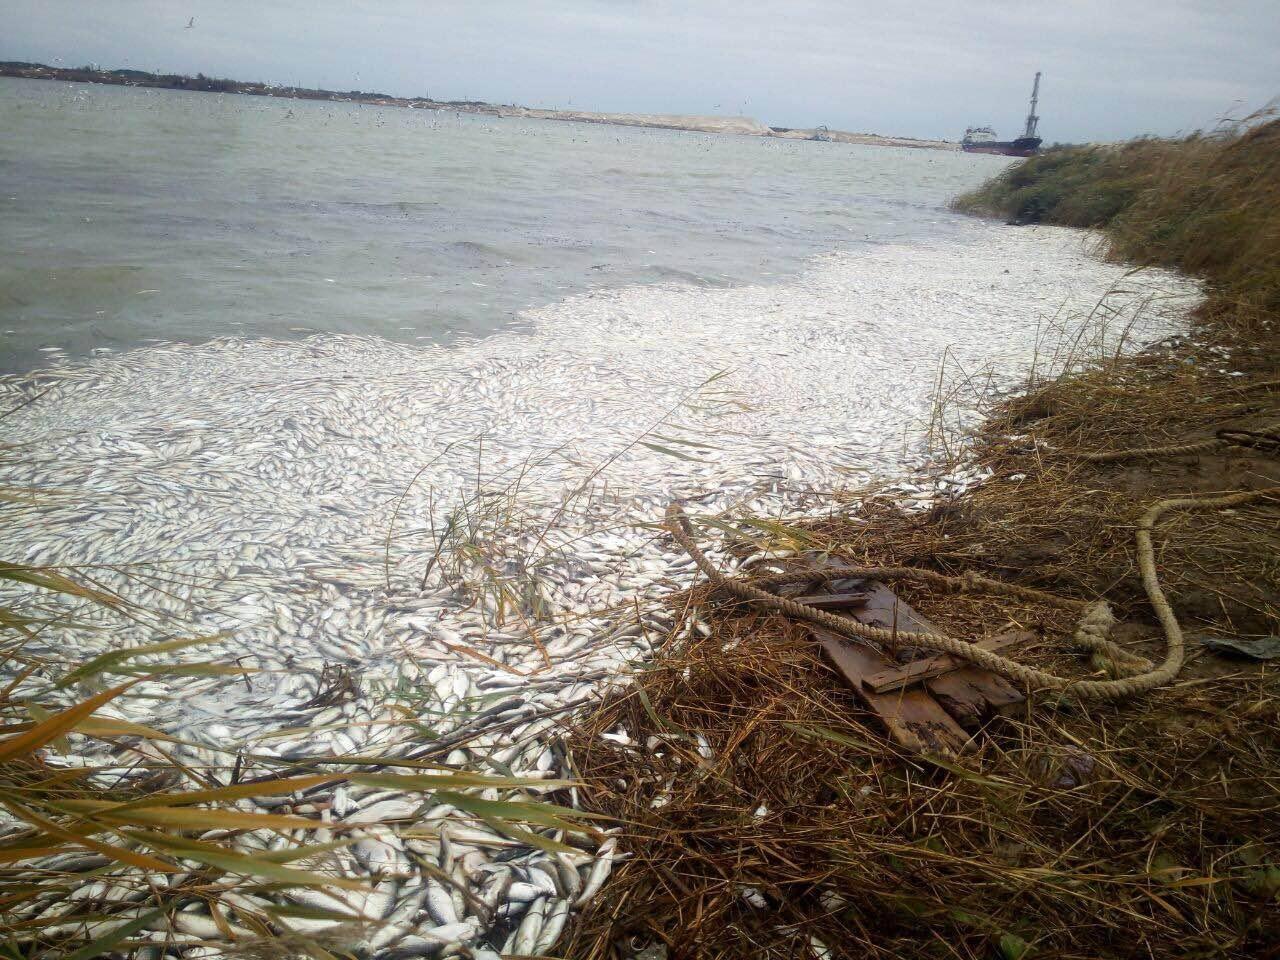 На Херсонщине погибло почти 2 миллиона рыб